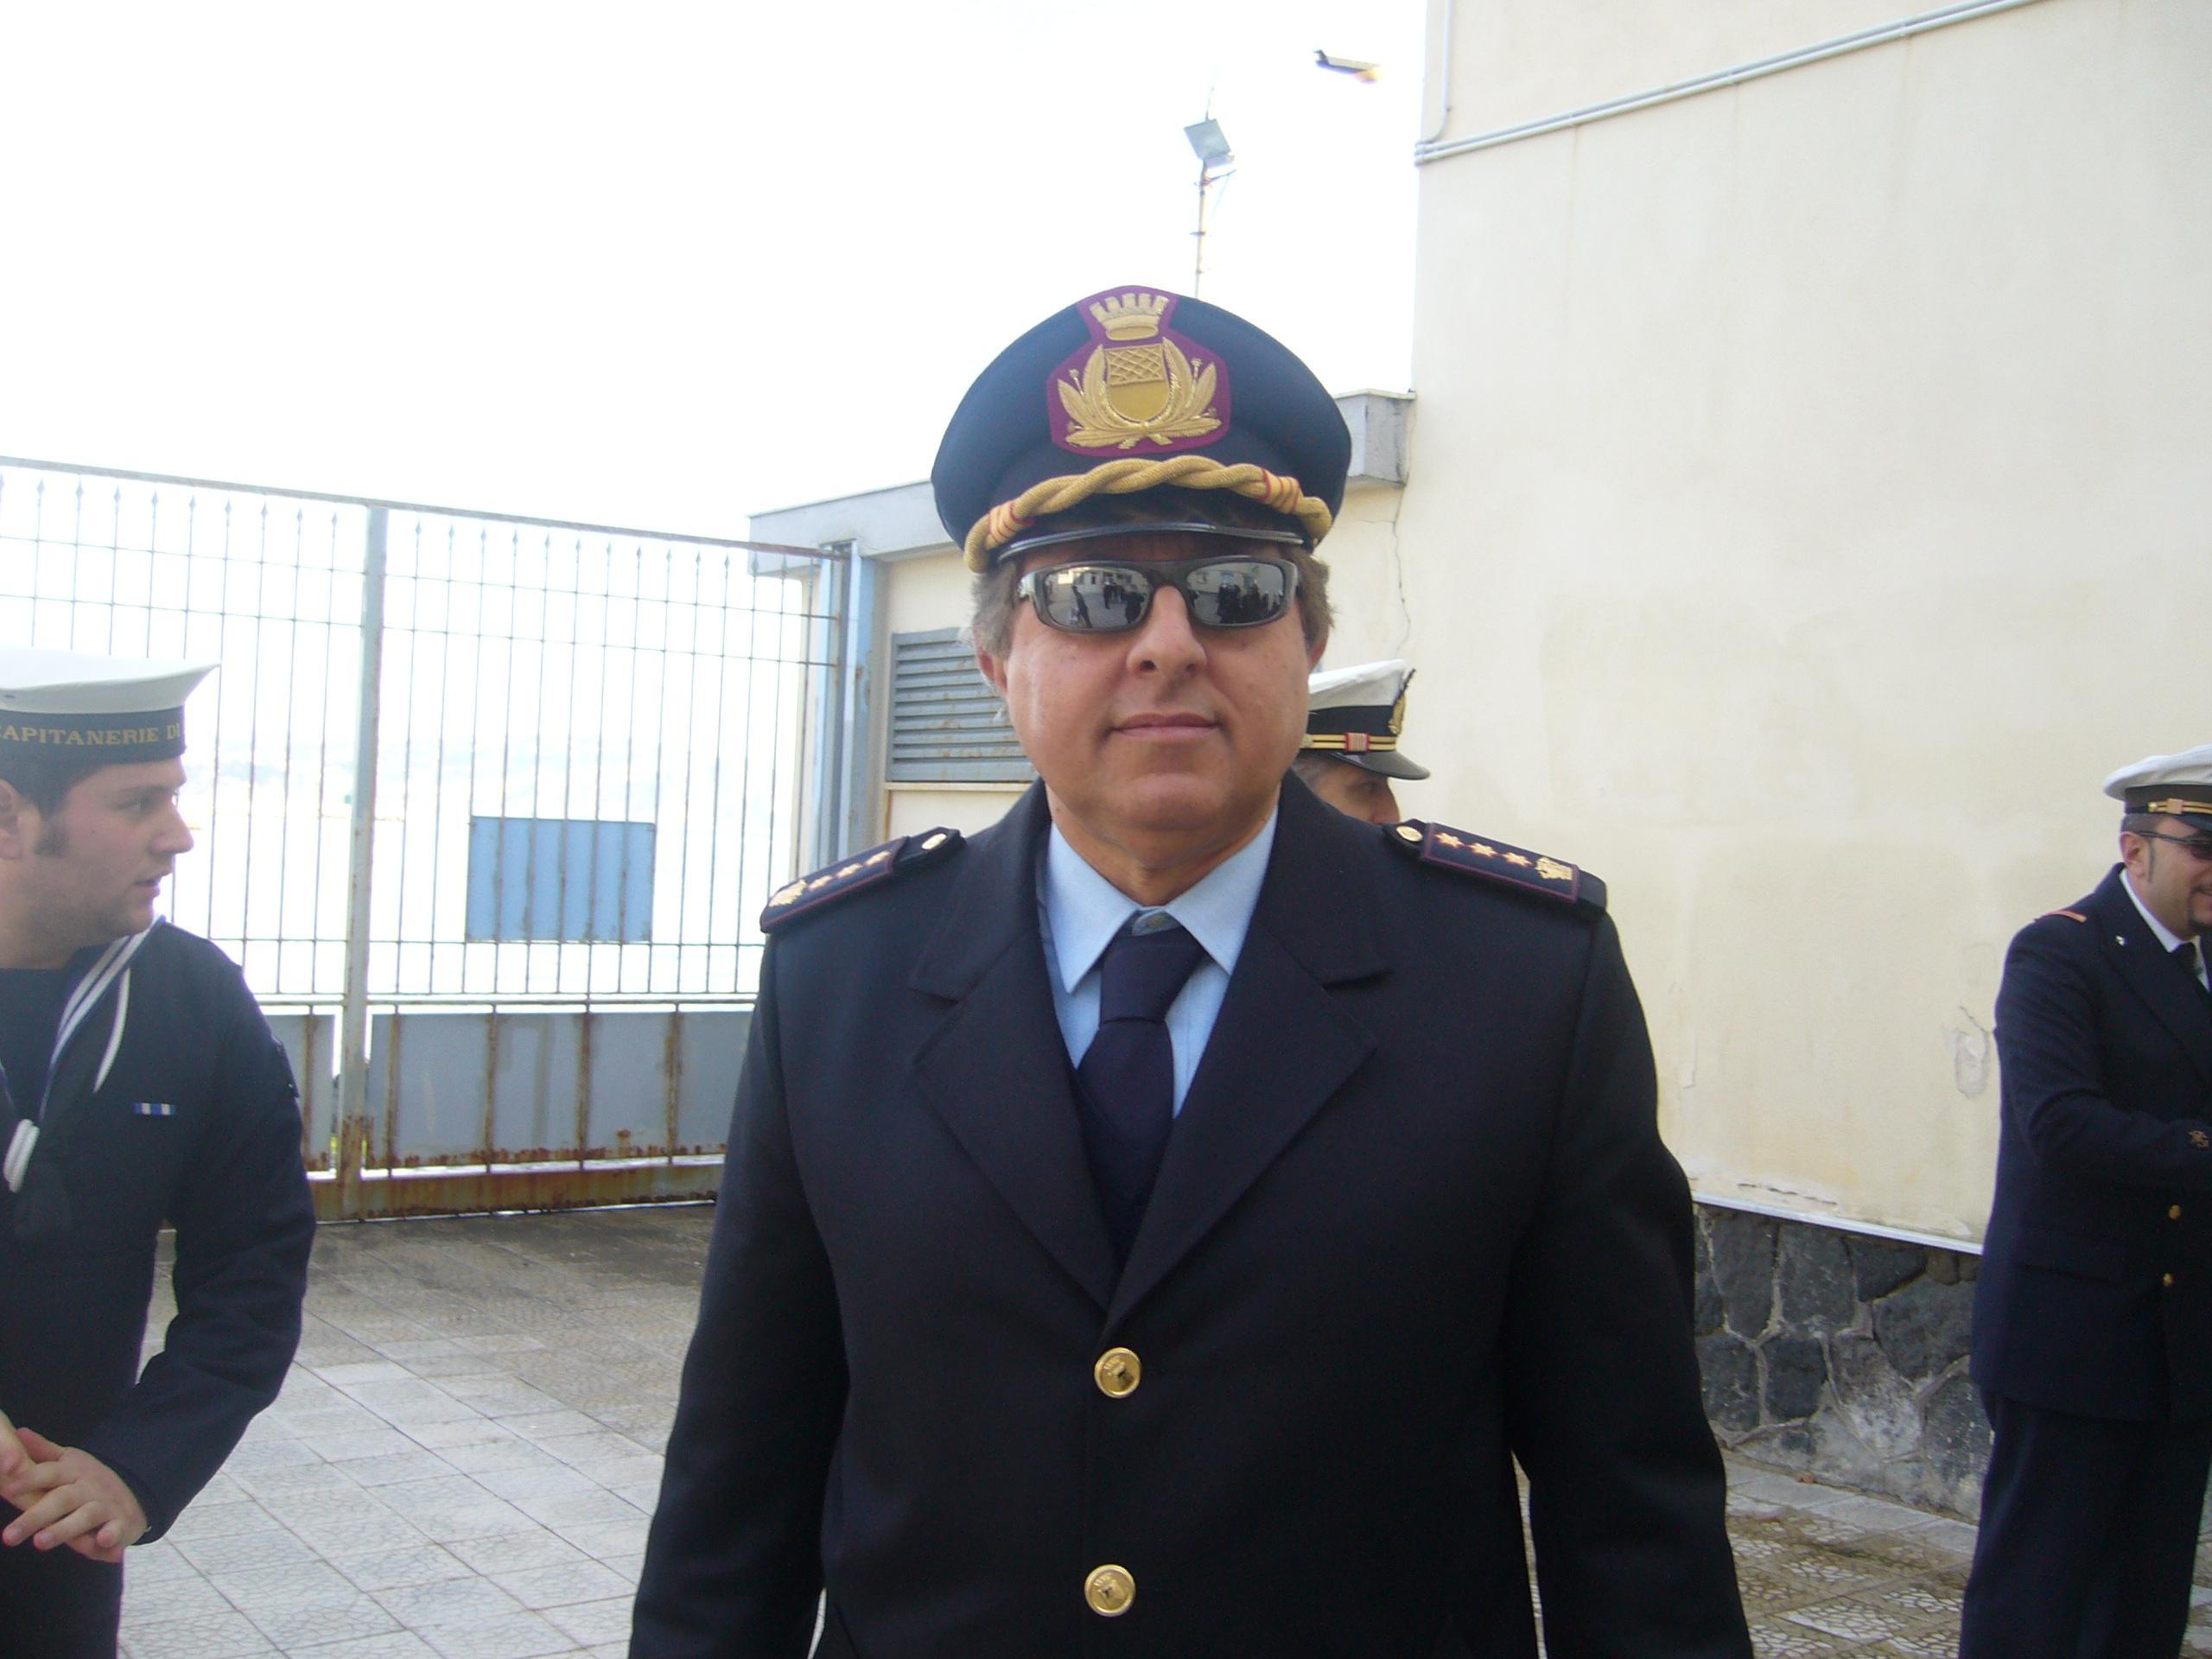 Photo of Favoritismi e gestione personale delle multe, le accuse a Trotta